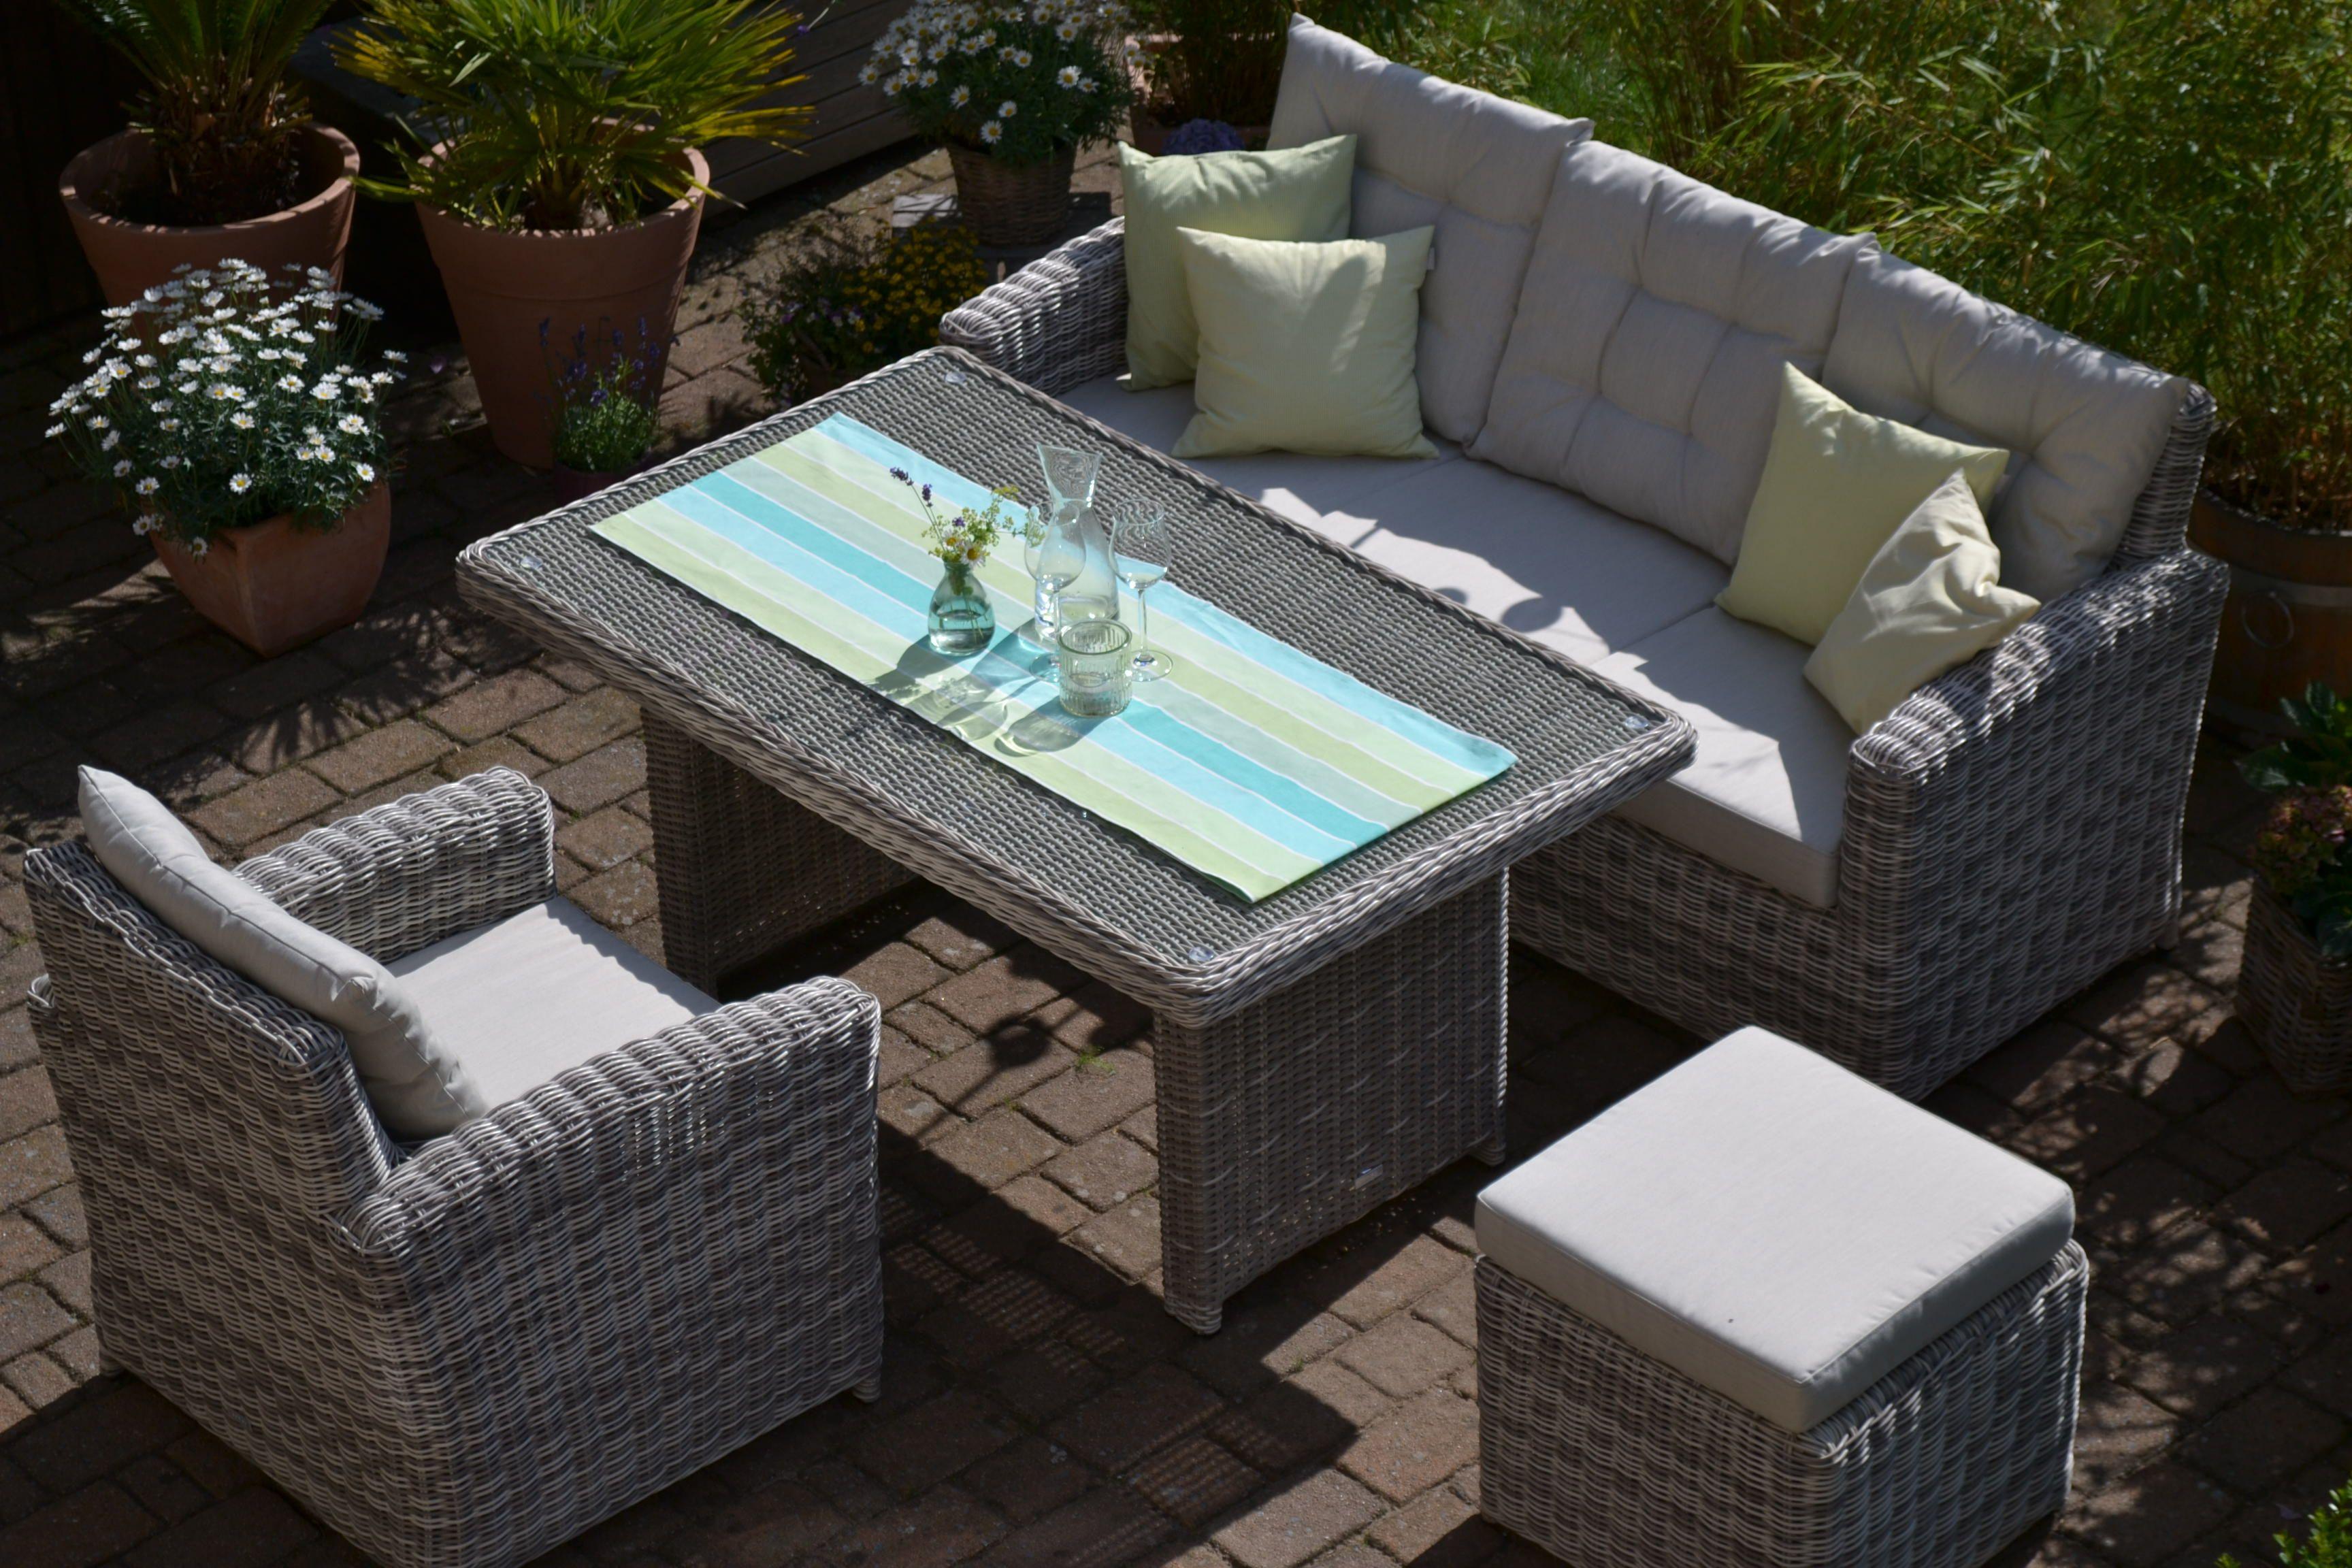 Sofagarnitur Manhattan Sand Grau 3 Sitzer Sofa Tisch Sessel Hocker Sessel Mit Hocker Outdoor Dekorationen 3 Sitzer Sofa